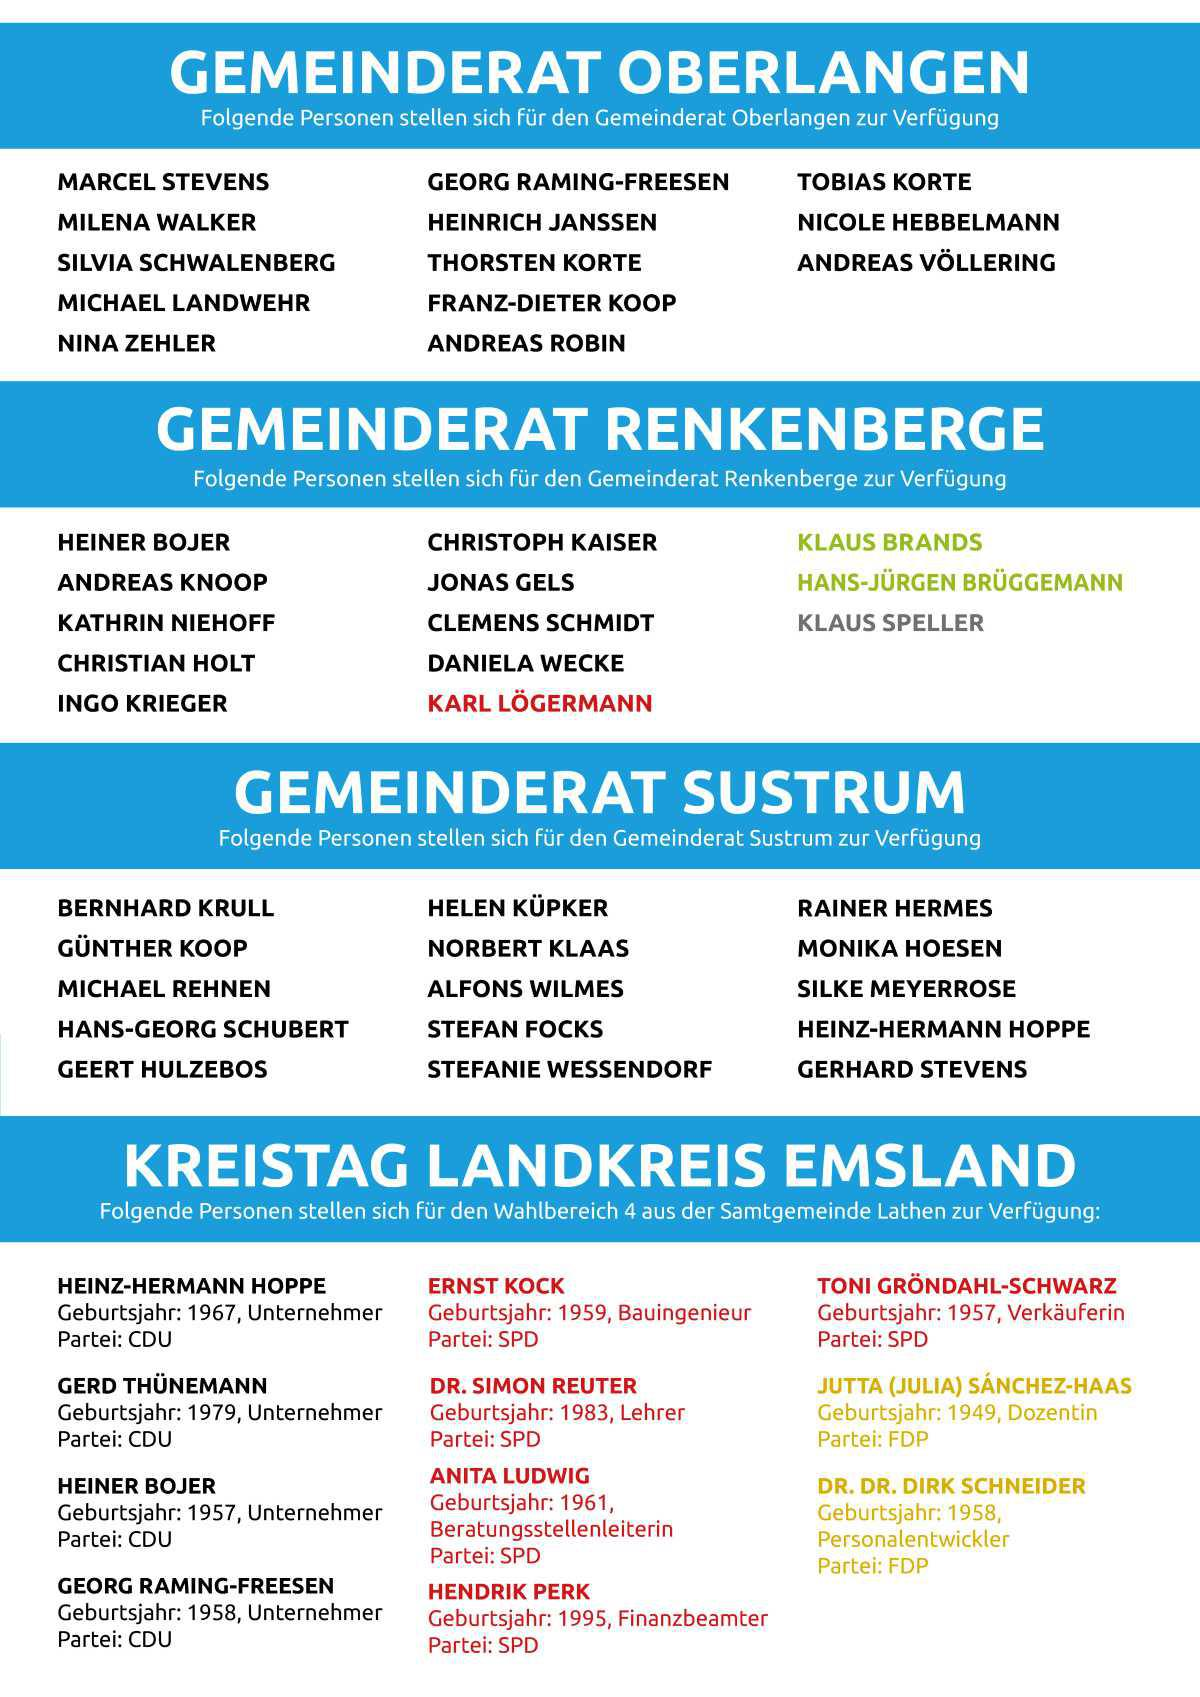 Kommunalwahl 2021 in der Samtgemeinde Lathen